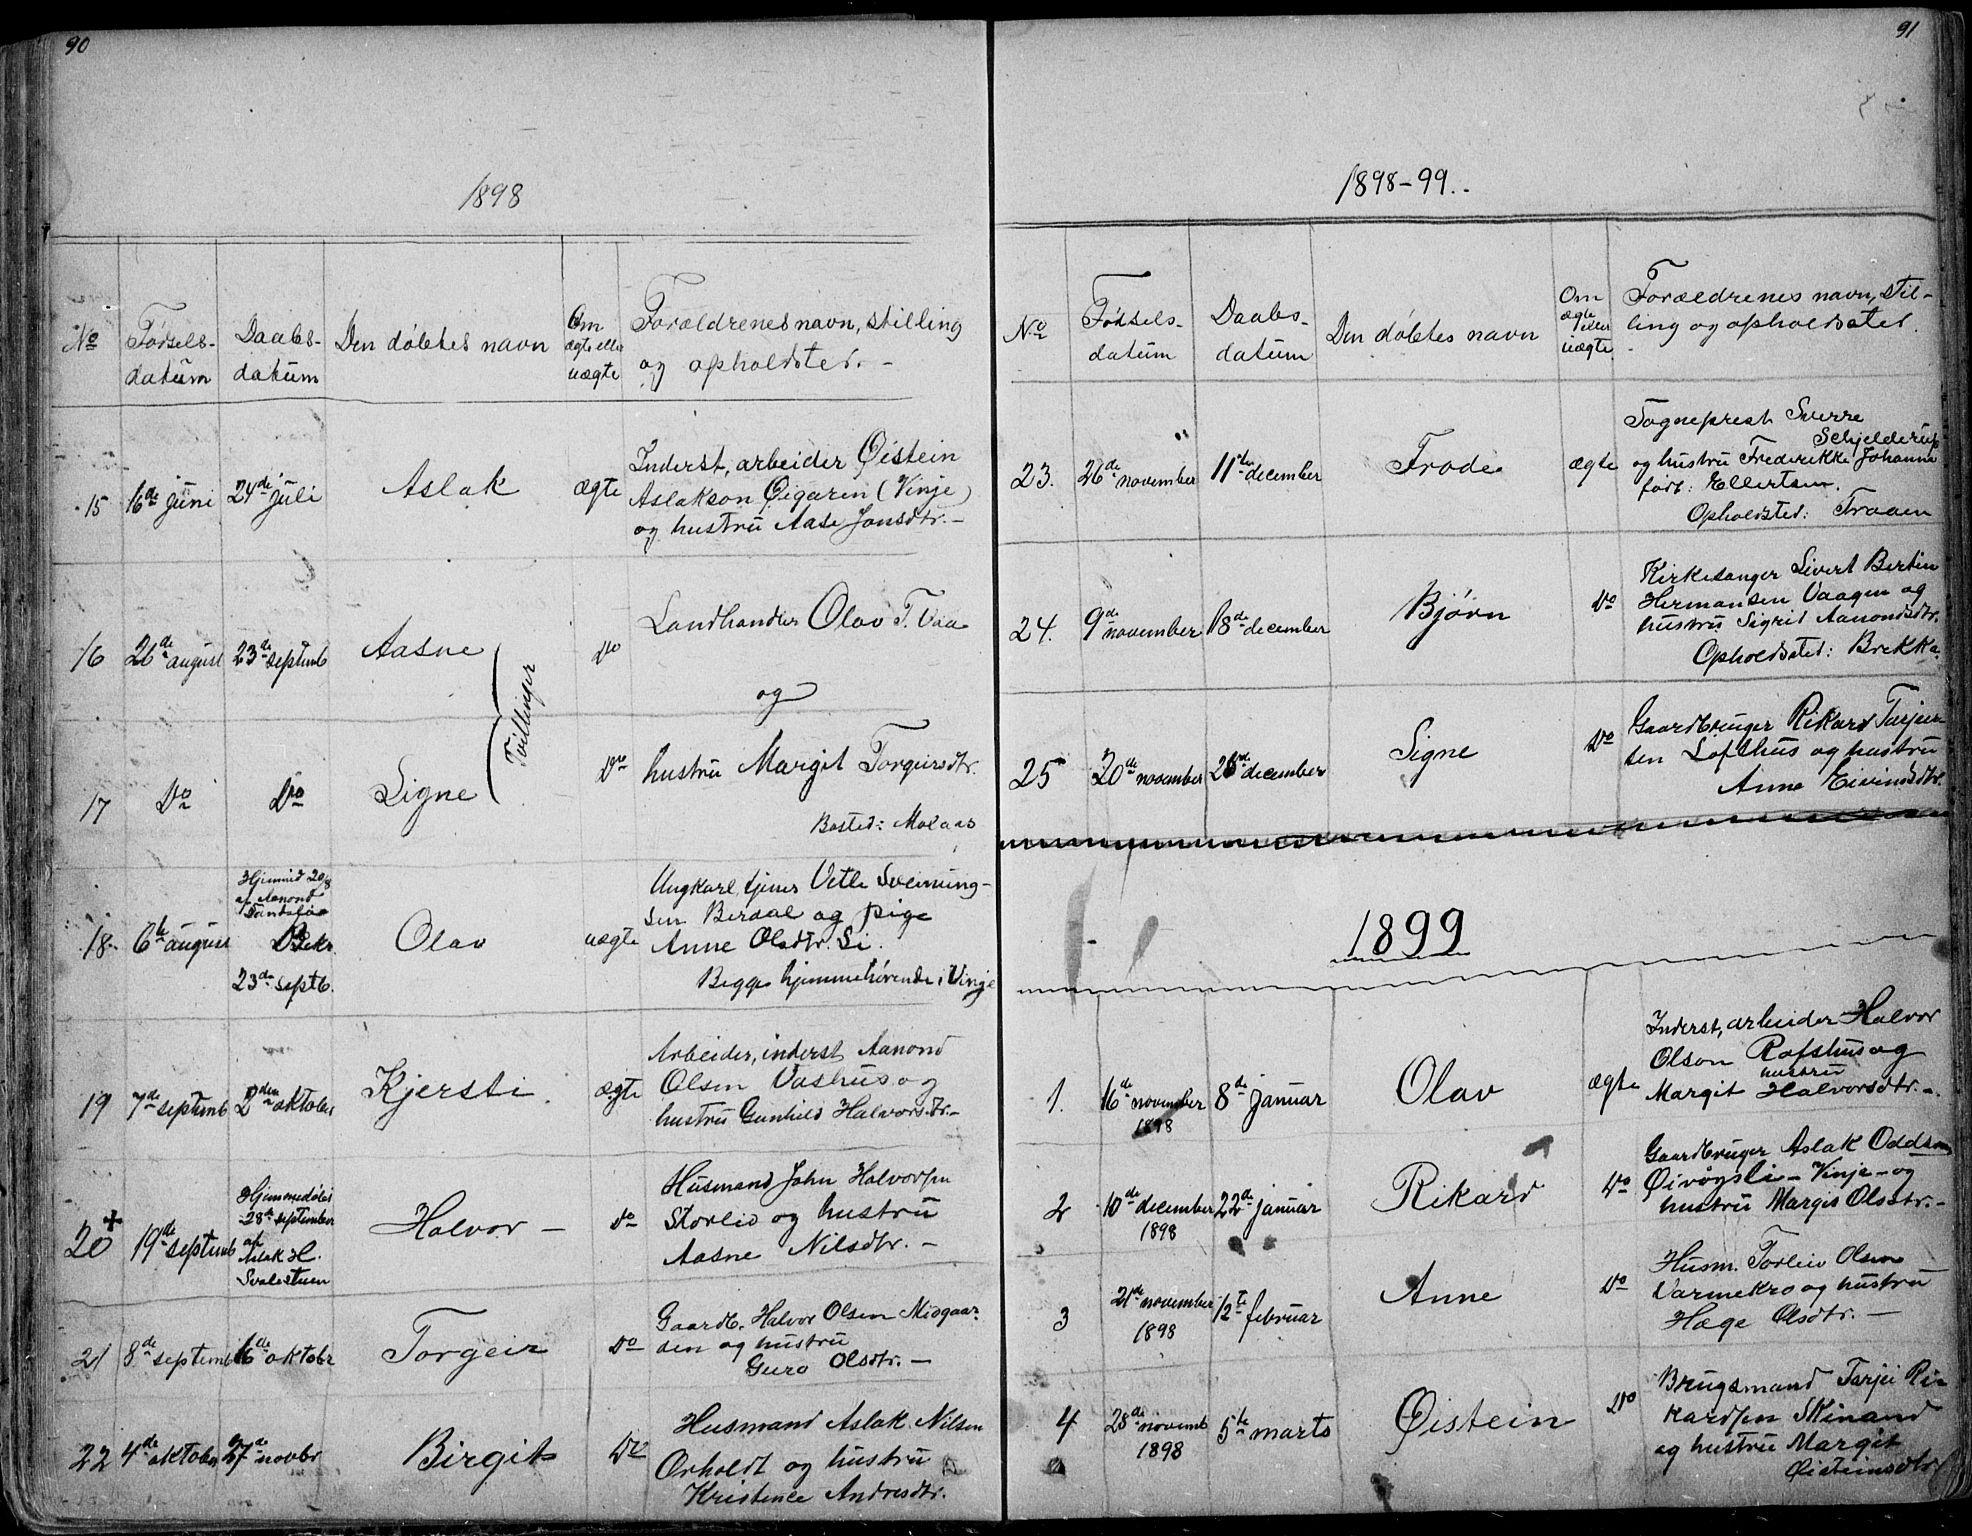 SAKO, Rauland kirkebøker, G/Ga/L0002: Klokkerbok nr. I 2, 1849-1935, s. 90-91